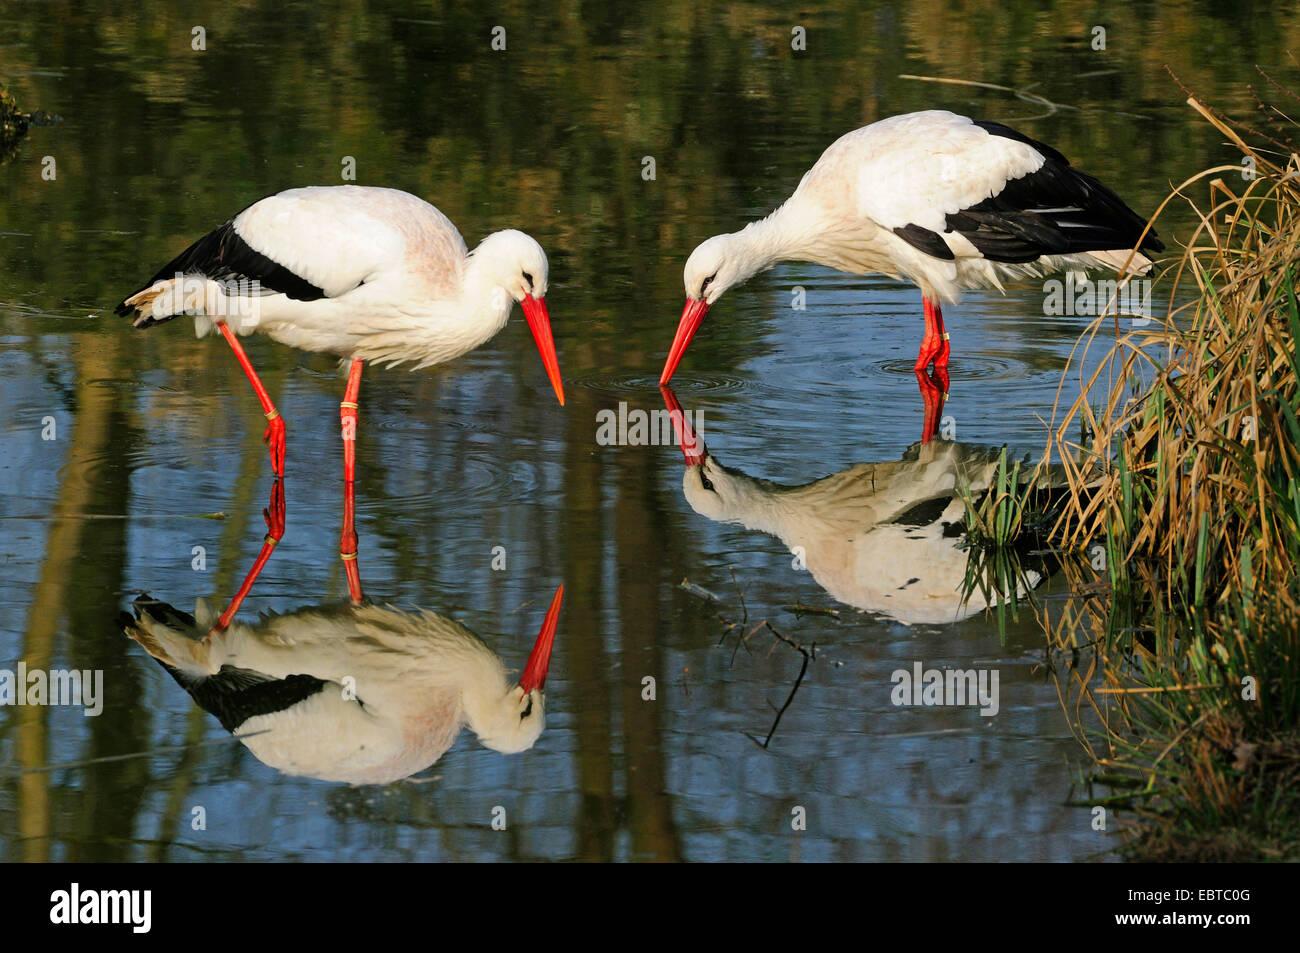 Cigogne Blanche (Ciconia ciconia), deux oiseaux en quête de nourriture dans les eaux peu profondes, Allemagne Banque D'Images